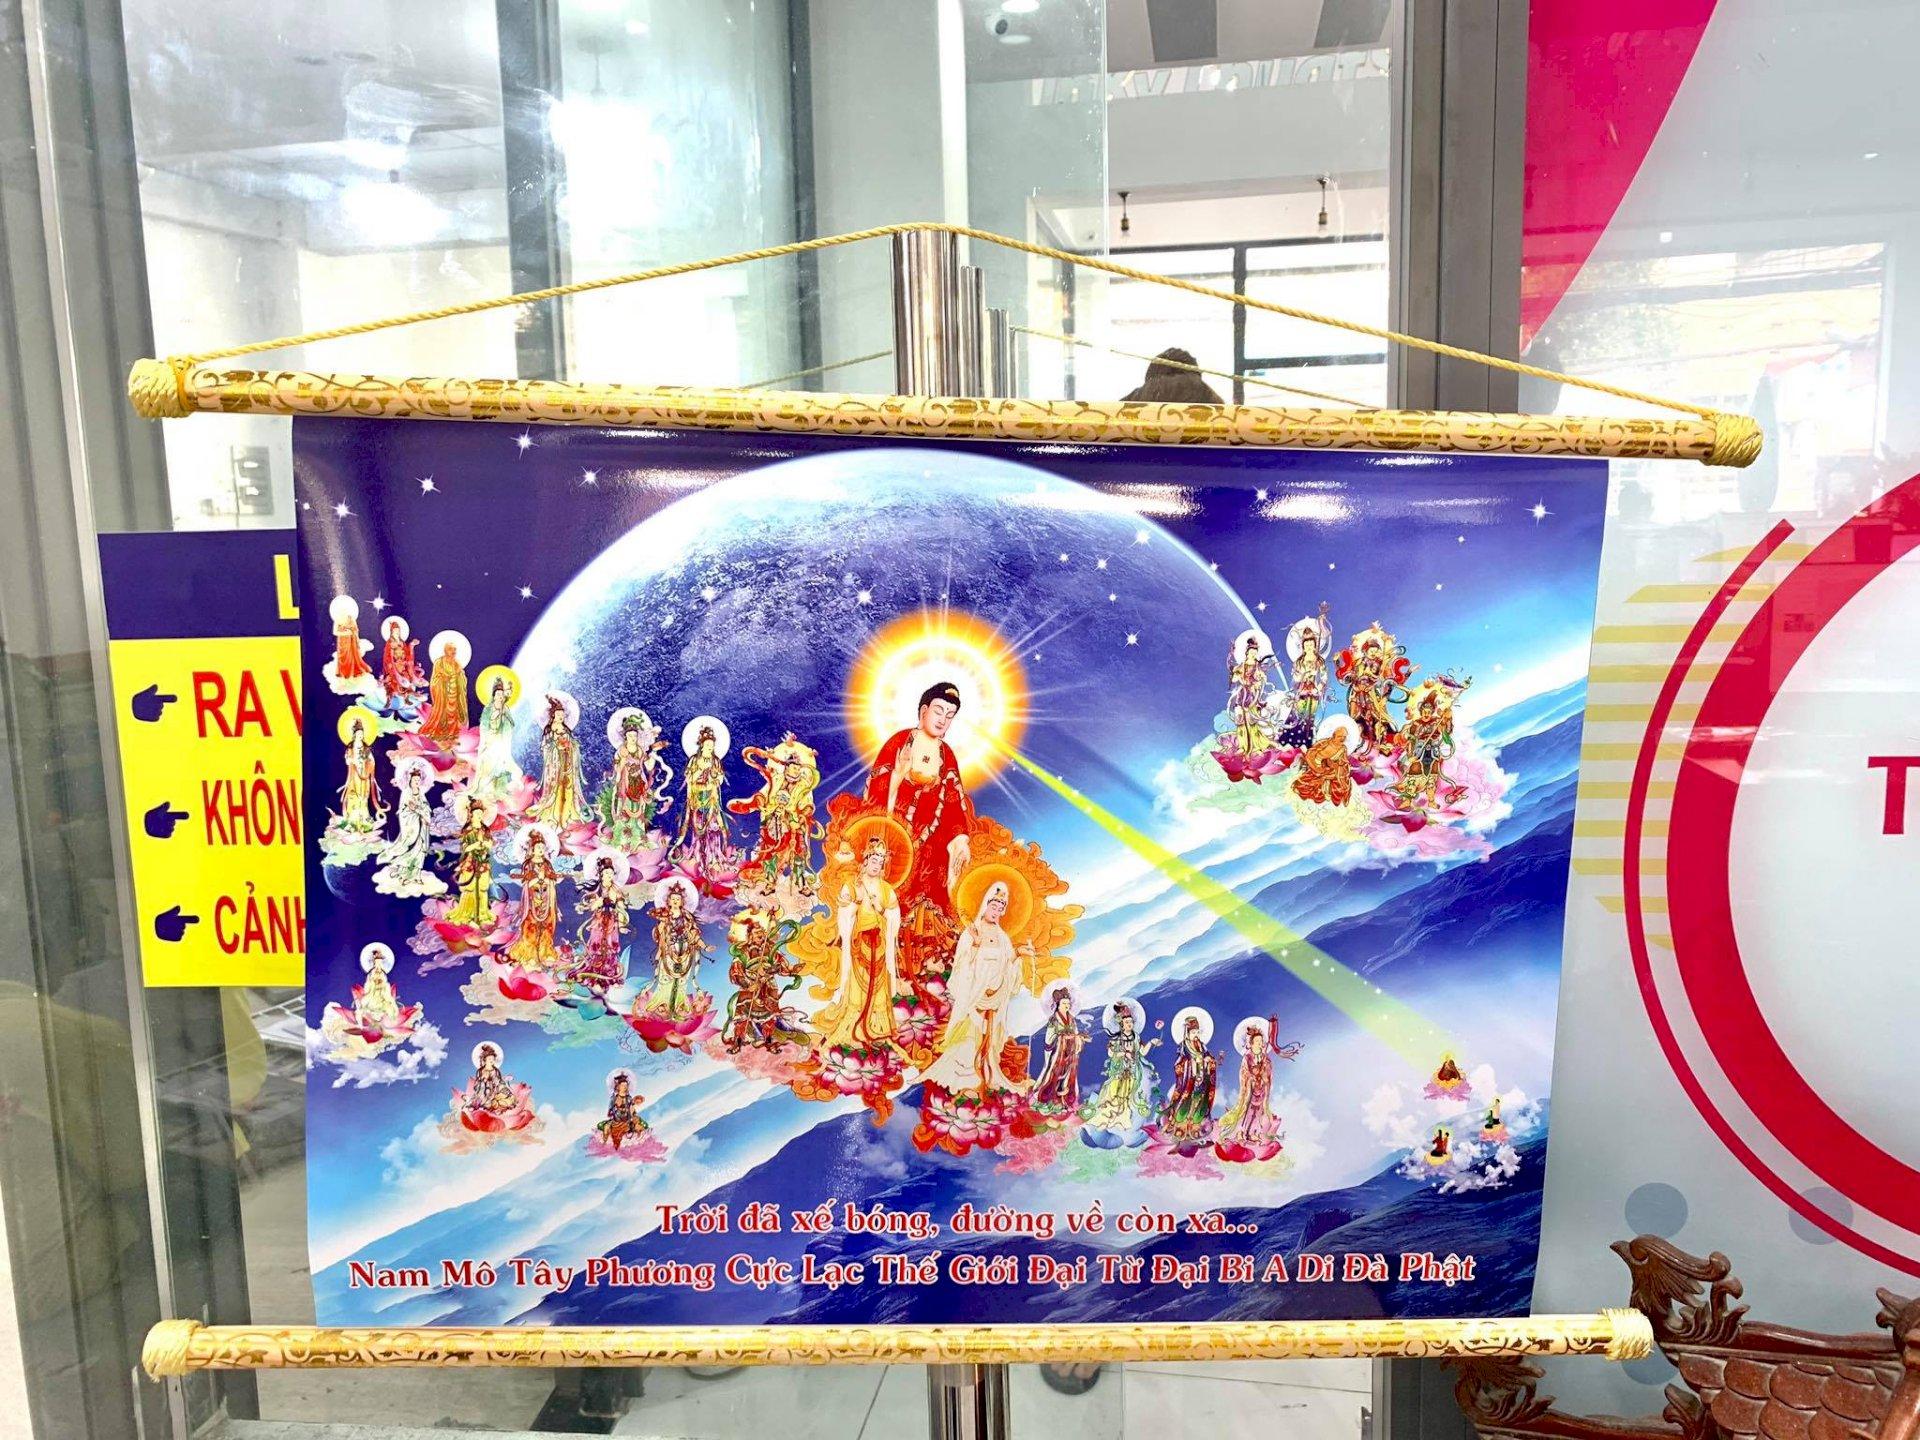 In ảnh Phật, tranh Phật - in ảnh kỹ thuật số nẹp gỗ hoa văn